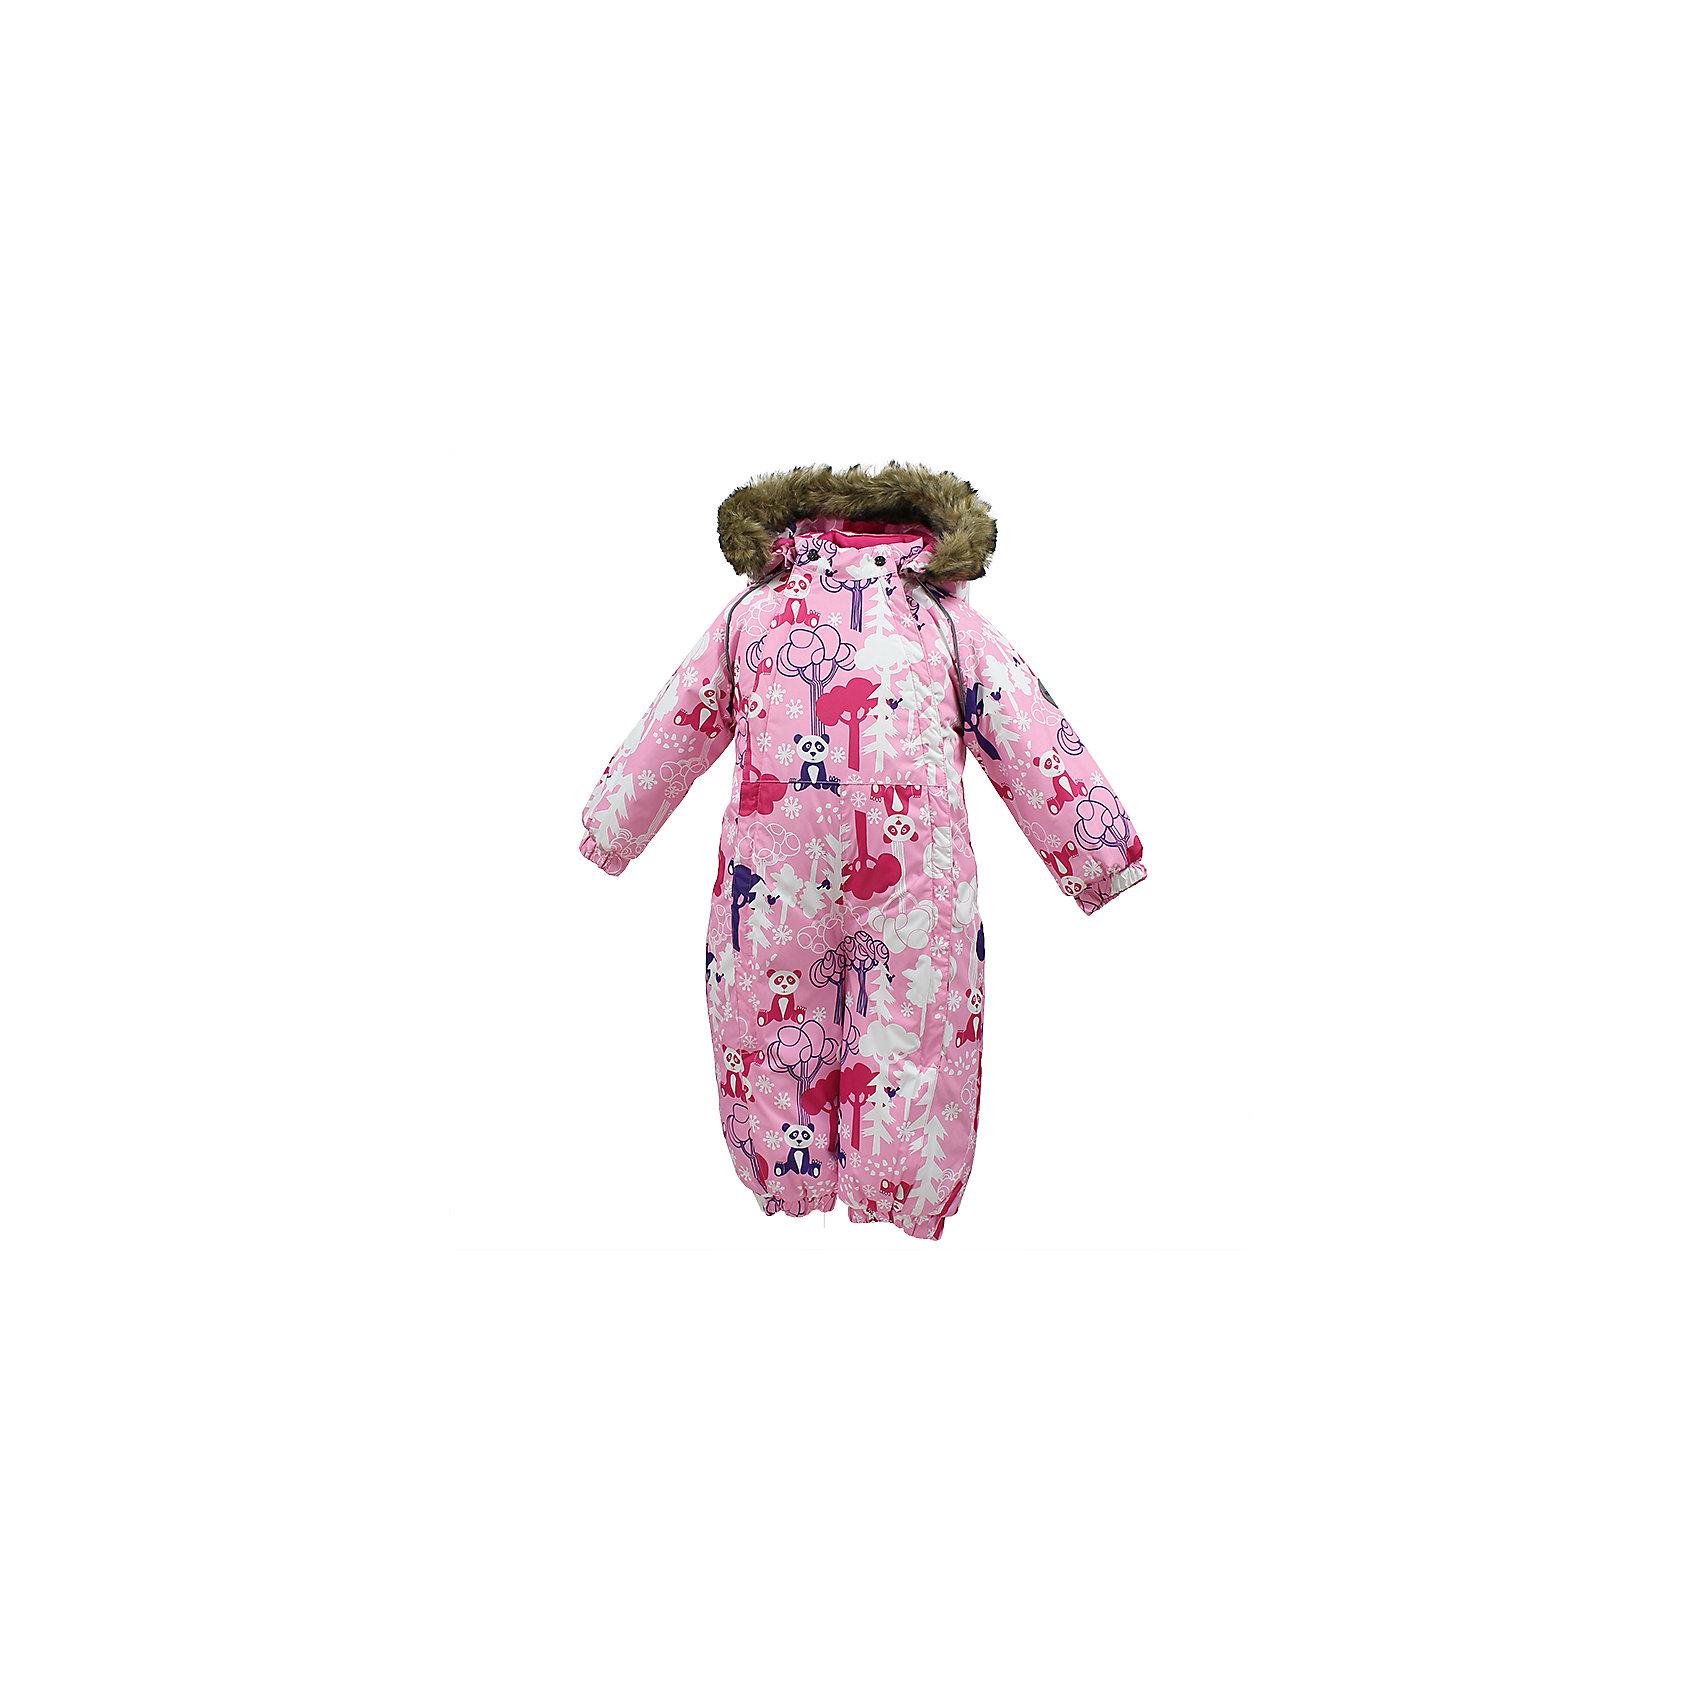 Комбинезон KEIRA HuppaВерхняя одежда<br>Характеристики товара:<br><br>• модель: Keira;<br>• цвет: розовый принт;<br>• пол: девочка;<br>• состав: 100% полиэстер;<br>• утеплитель: нового поколенияHuppaTherm, 300 гр.;<br>• подкладка: 100% хлопок,фланель;<br>• сезон: зима;<br>• температурный режим: от -5 до - 30С;<br>• водонепроницаемость: 5000 мм;<br>• воздухопроницаемость: 5000 г/м2/24ч;<br>• водо- и ветронепроницаемый, дышащий и грязеотталкивающий материал;<br>• особенности модели: c рисунком, с мехом на капюшоне;<br>• капюшон для большего удобства крепится на кнопки и, при необходимости, отстегивается;<br>• мех на капюшоне не съемный;<br>• сидельныйшов проклеен водостойкой лентой, для дополнительной защиты от протекания;<br>• светоотражающих элементов для безопасности ребенка;<br>• две боковые молнии;<br>• эластичные манжеты на резинках, с отворотом (у размеров 68-80);<br>• манжеты брюк на резинке;<br>• съемные силиконовые штрипки;<br>• у брючин отсутствуют внутренние швы;<br>• страна бренда: Финляндия;<br>• страна изготовитель: Эстония.<br><br>Комбинезон Keira зимний - отличный вариант для холодной зимы.Важный критерий при выборе комбинезона для девочки - это количество утеплителя, ведь малыши еще малоподвижны. поэтому комбинезон должен быть теплым.<br><br> В модели Keira 300 грамм утеплителя, которые обеспечат тепло и комфорт ребенку при температуре от -5 до -30 градусов. Подкладка — из 100% хлопка ( фланель).<br><br>Функциональные элементы: капюшон отстегивается с помощью кнопок, мех пришит, манжеты на резинке,с отворотом у размеров 68-80. Сидельныйшов проклеен водостойкой лентой, для дополнительной защиты от протекания, две длинные молнии для удобного надевания, манжеты брюк на резинке, у брючин отсутствуют внутренние швы, съемные силиконовые штрипки, светоотражающие элементы.<br><br>Комбинезон Keira для девочки Huppa (Хуппа) можно купить в нашем интернет-магазине.<br><br>Ширина мм: 356<br>Глубина мм: 10<br>Высота мм: 245<br>Вес г: 519<br>Цвет: светло-розовый<br